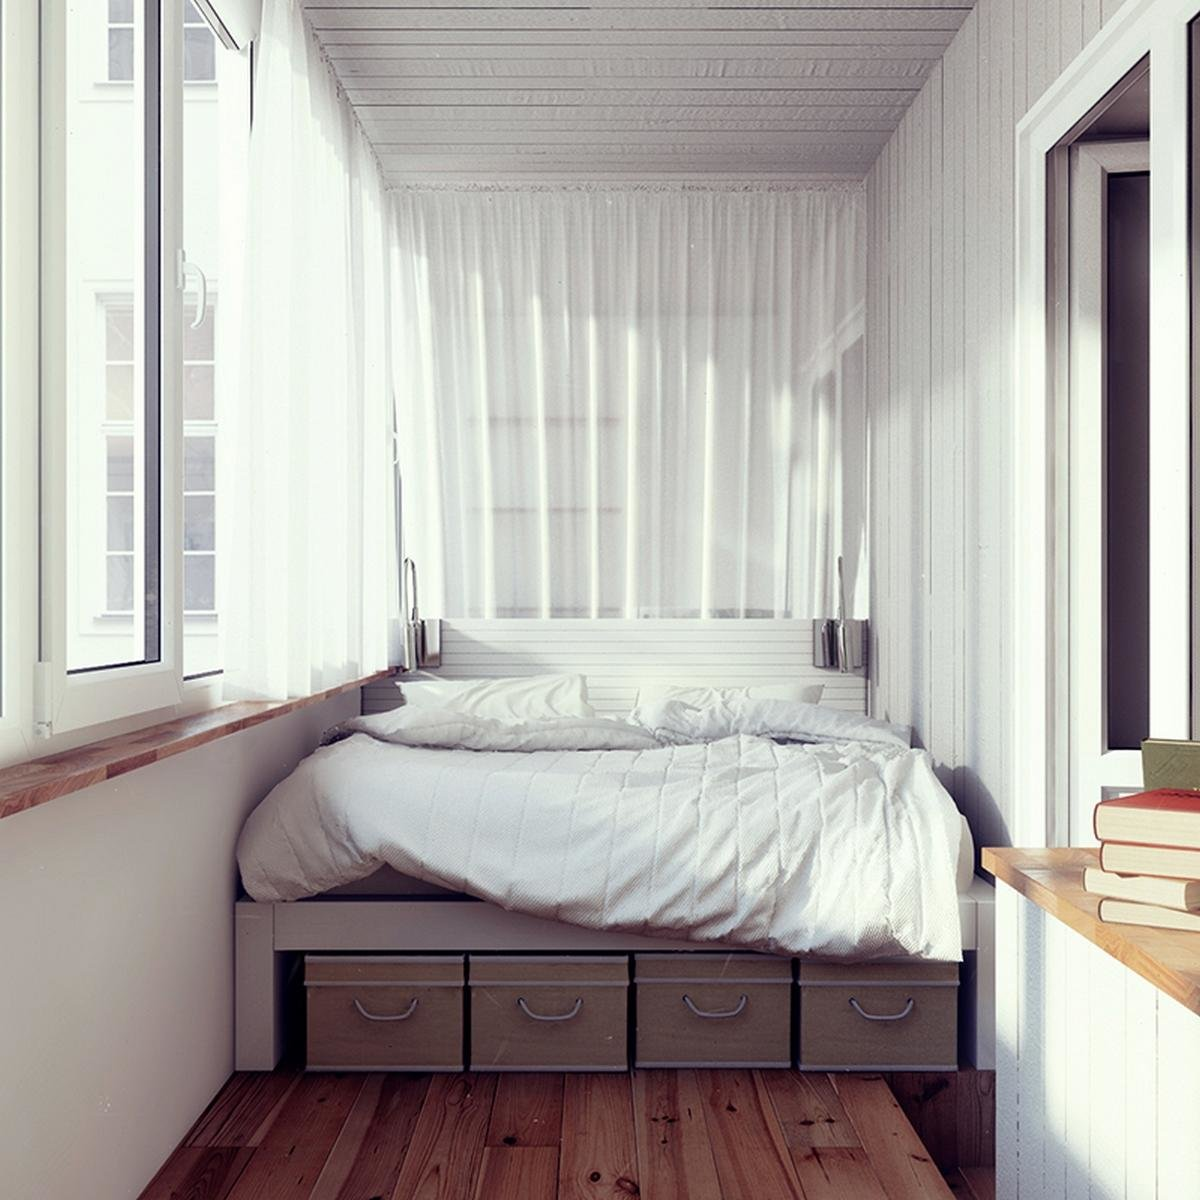 Спальня на балконе - идеи дизайна помещения.